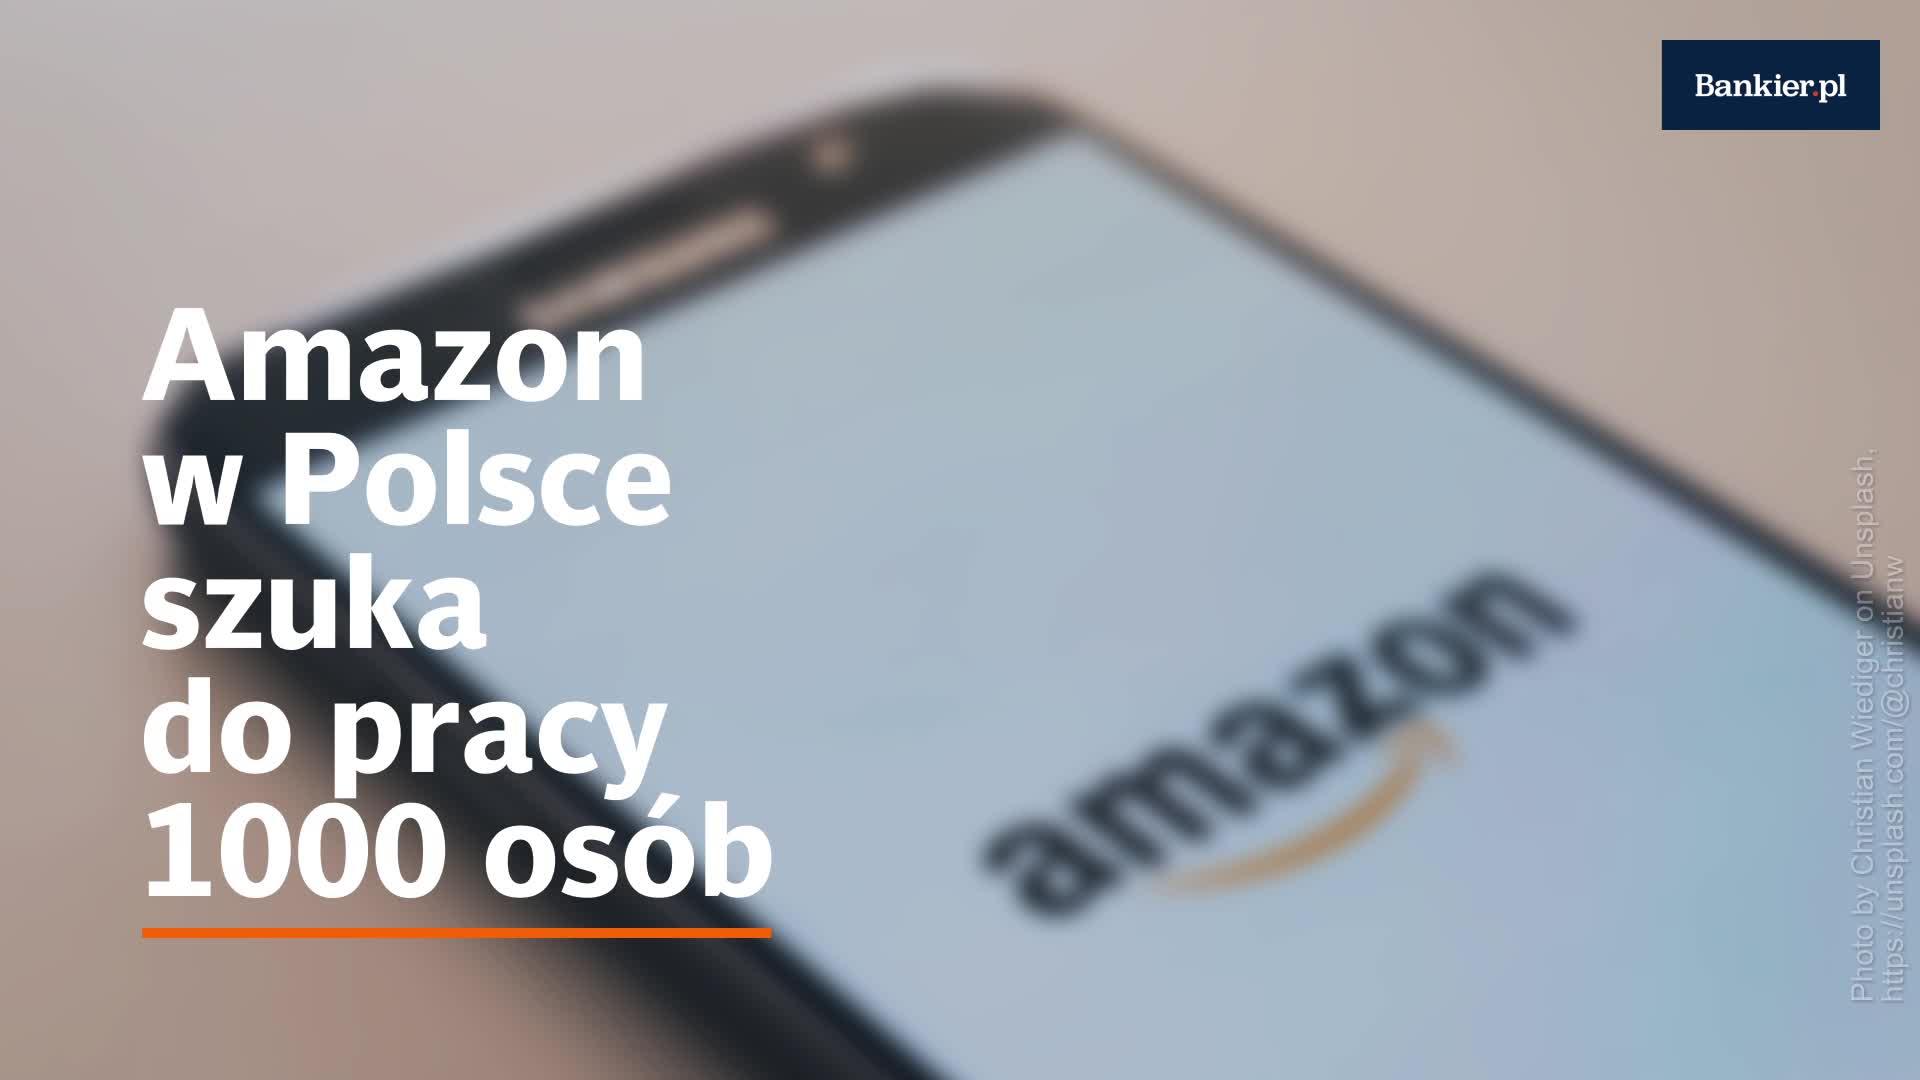 Amazon w Polsce szuka do pracy 1000 osób